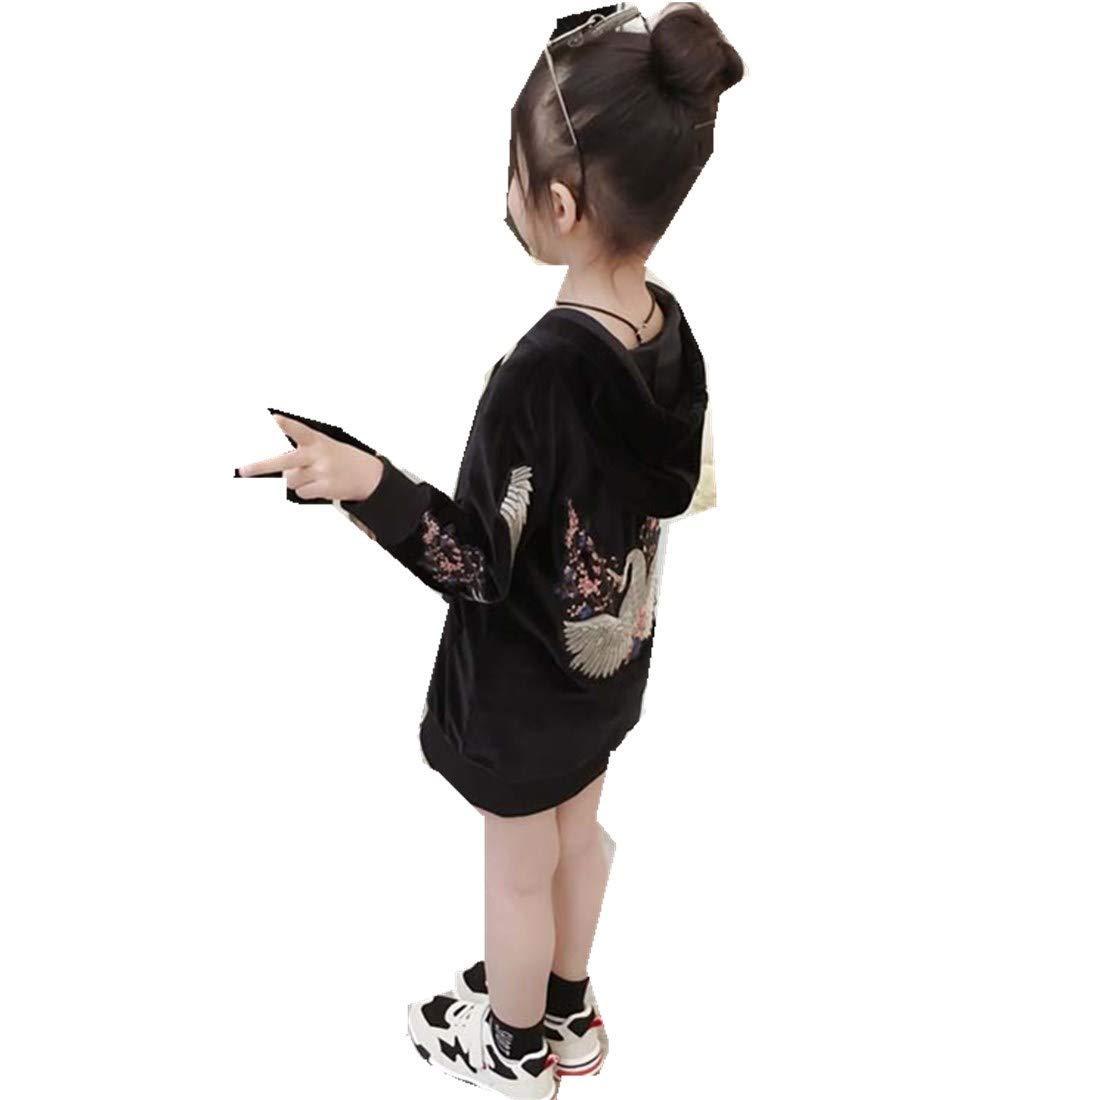 MV Childrens Clothing Autumn Girls Velvet Sweater Korean Embroidery Long Section